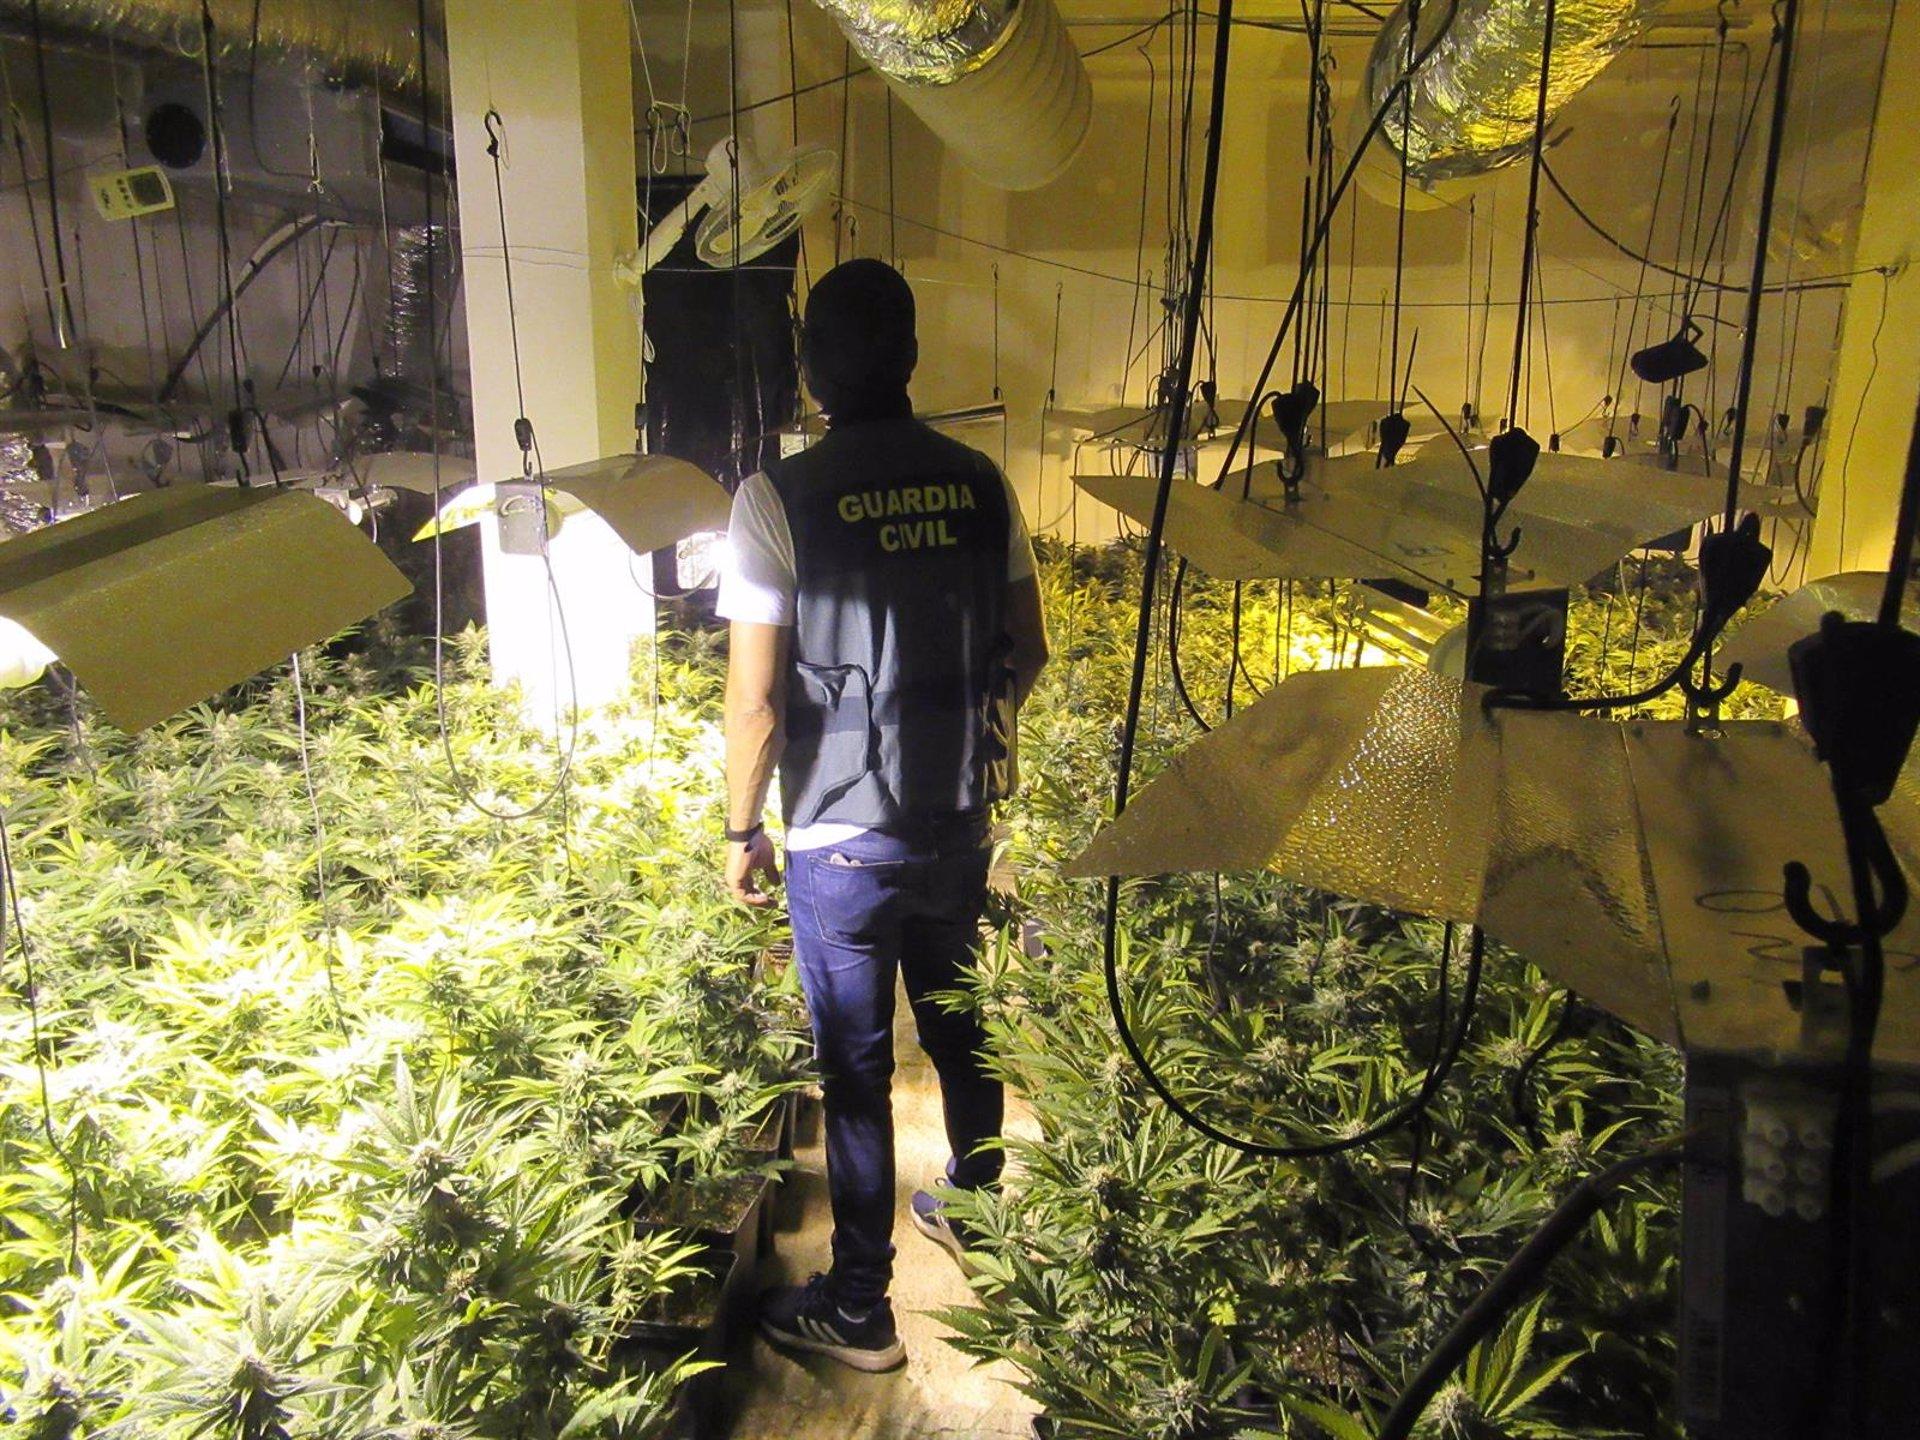 Descubierto un zulo en una vivienda de Alomartes donde se cultivaban 1.100 plantas de marihuana